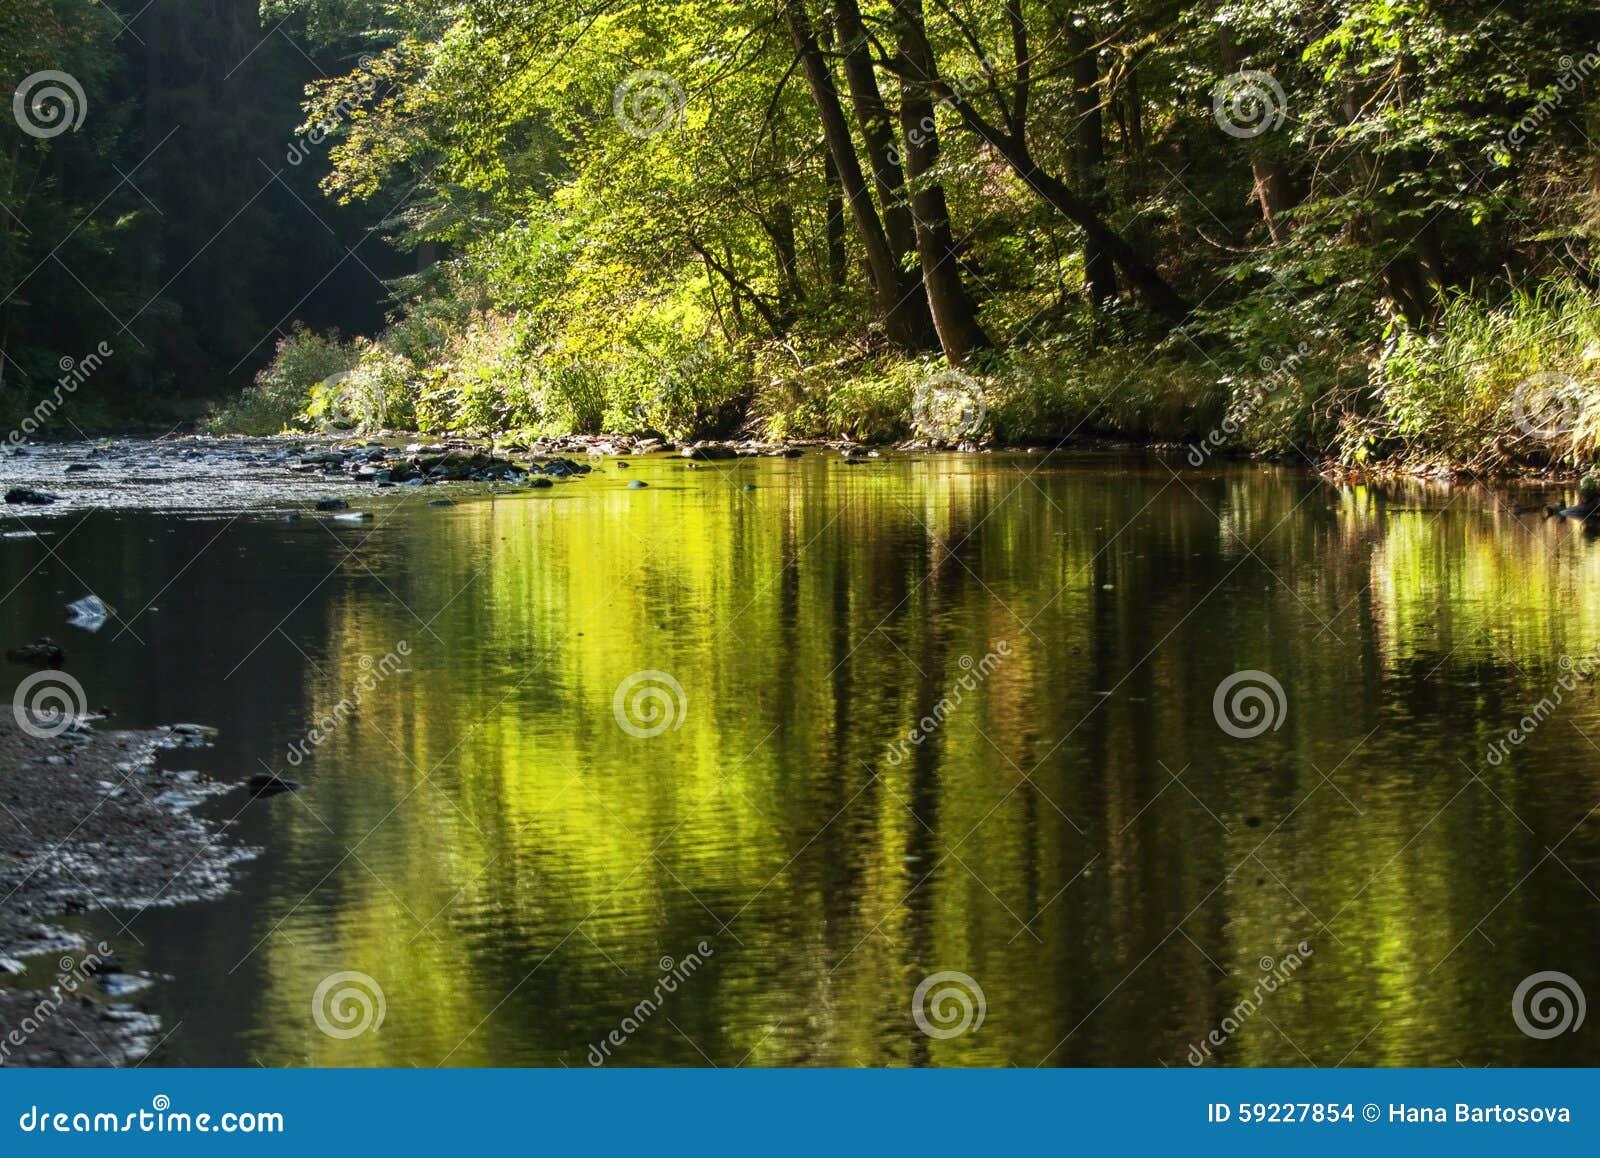 Ajardine con el río, los árboles y la reflexión en superficie